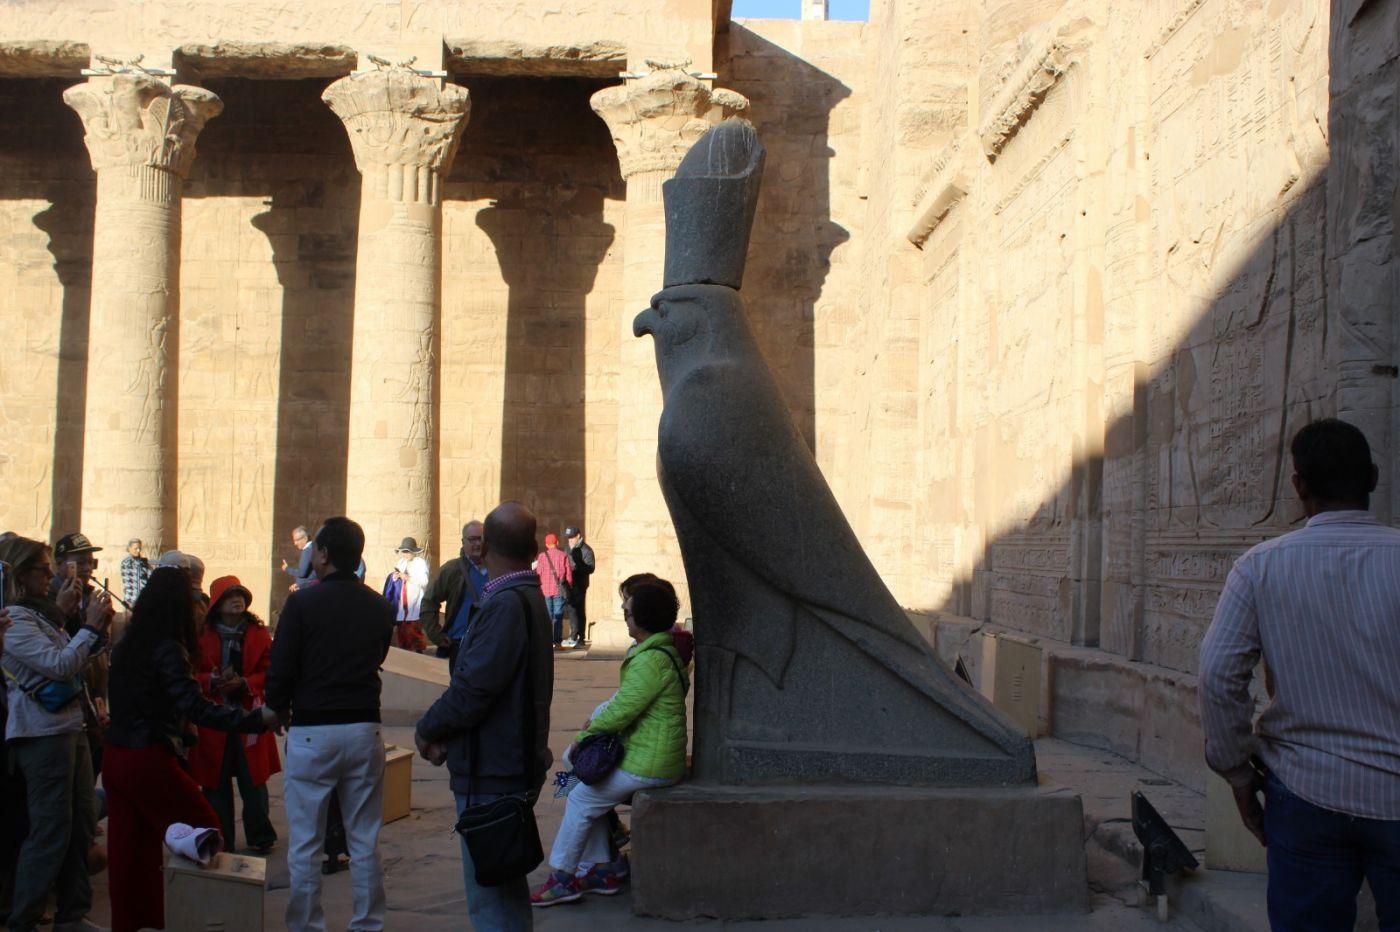 埃德富神庙和卢克索神庙_图1-14